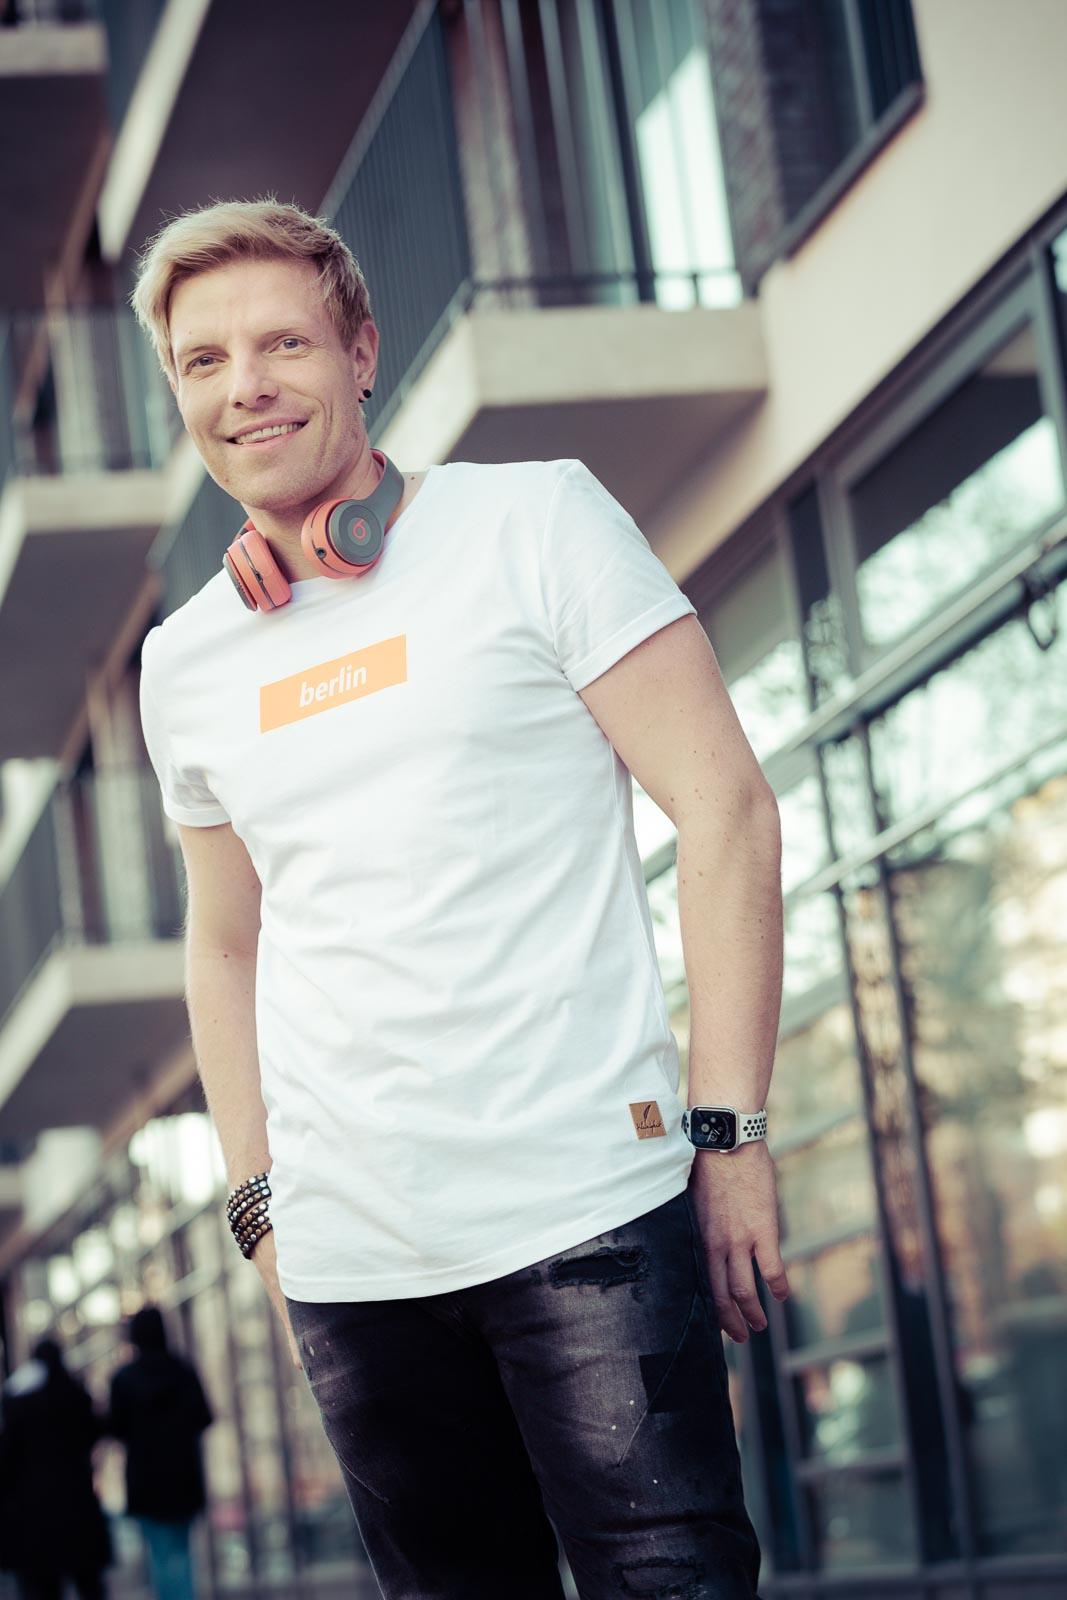 Dating-Foto eines jungen blonden Mannes in weißem T-Shirt und Beats-Kopfhörern vor einer moderene Hausfassade